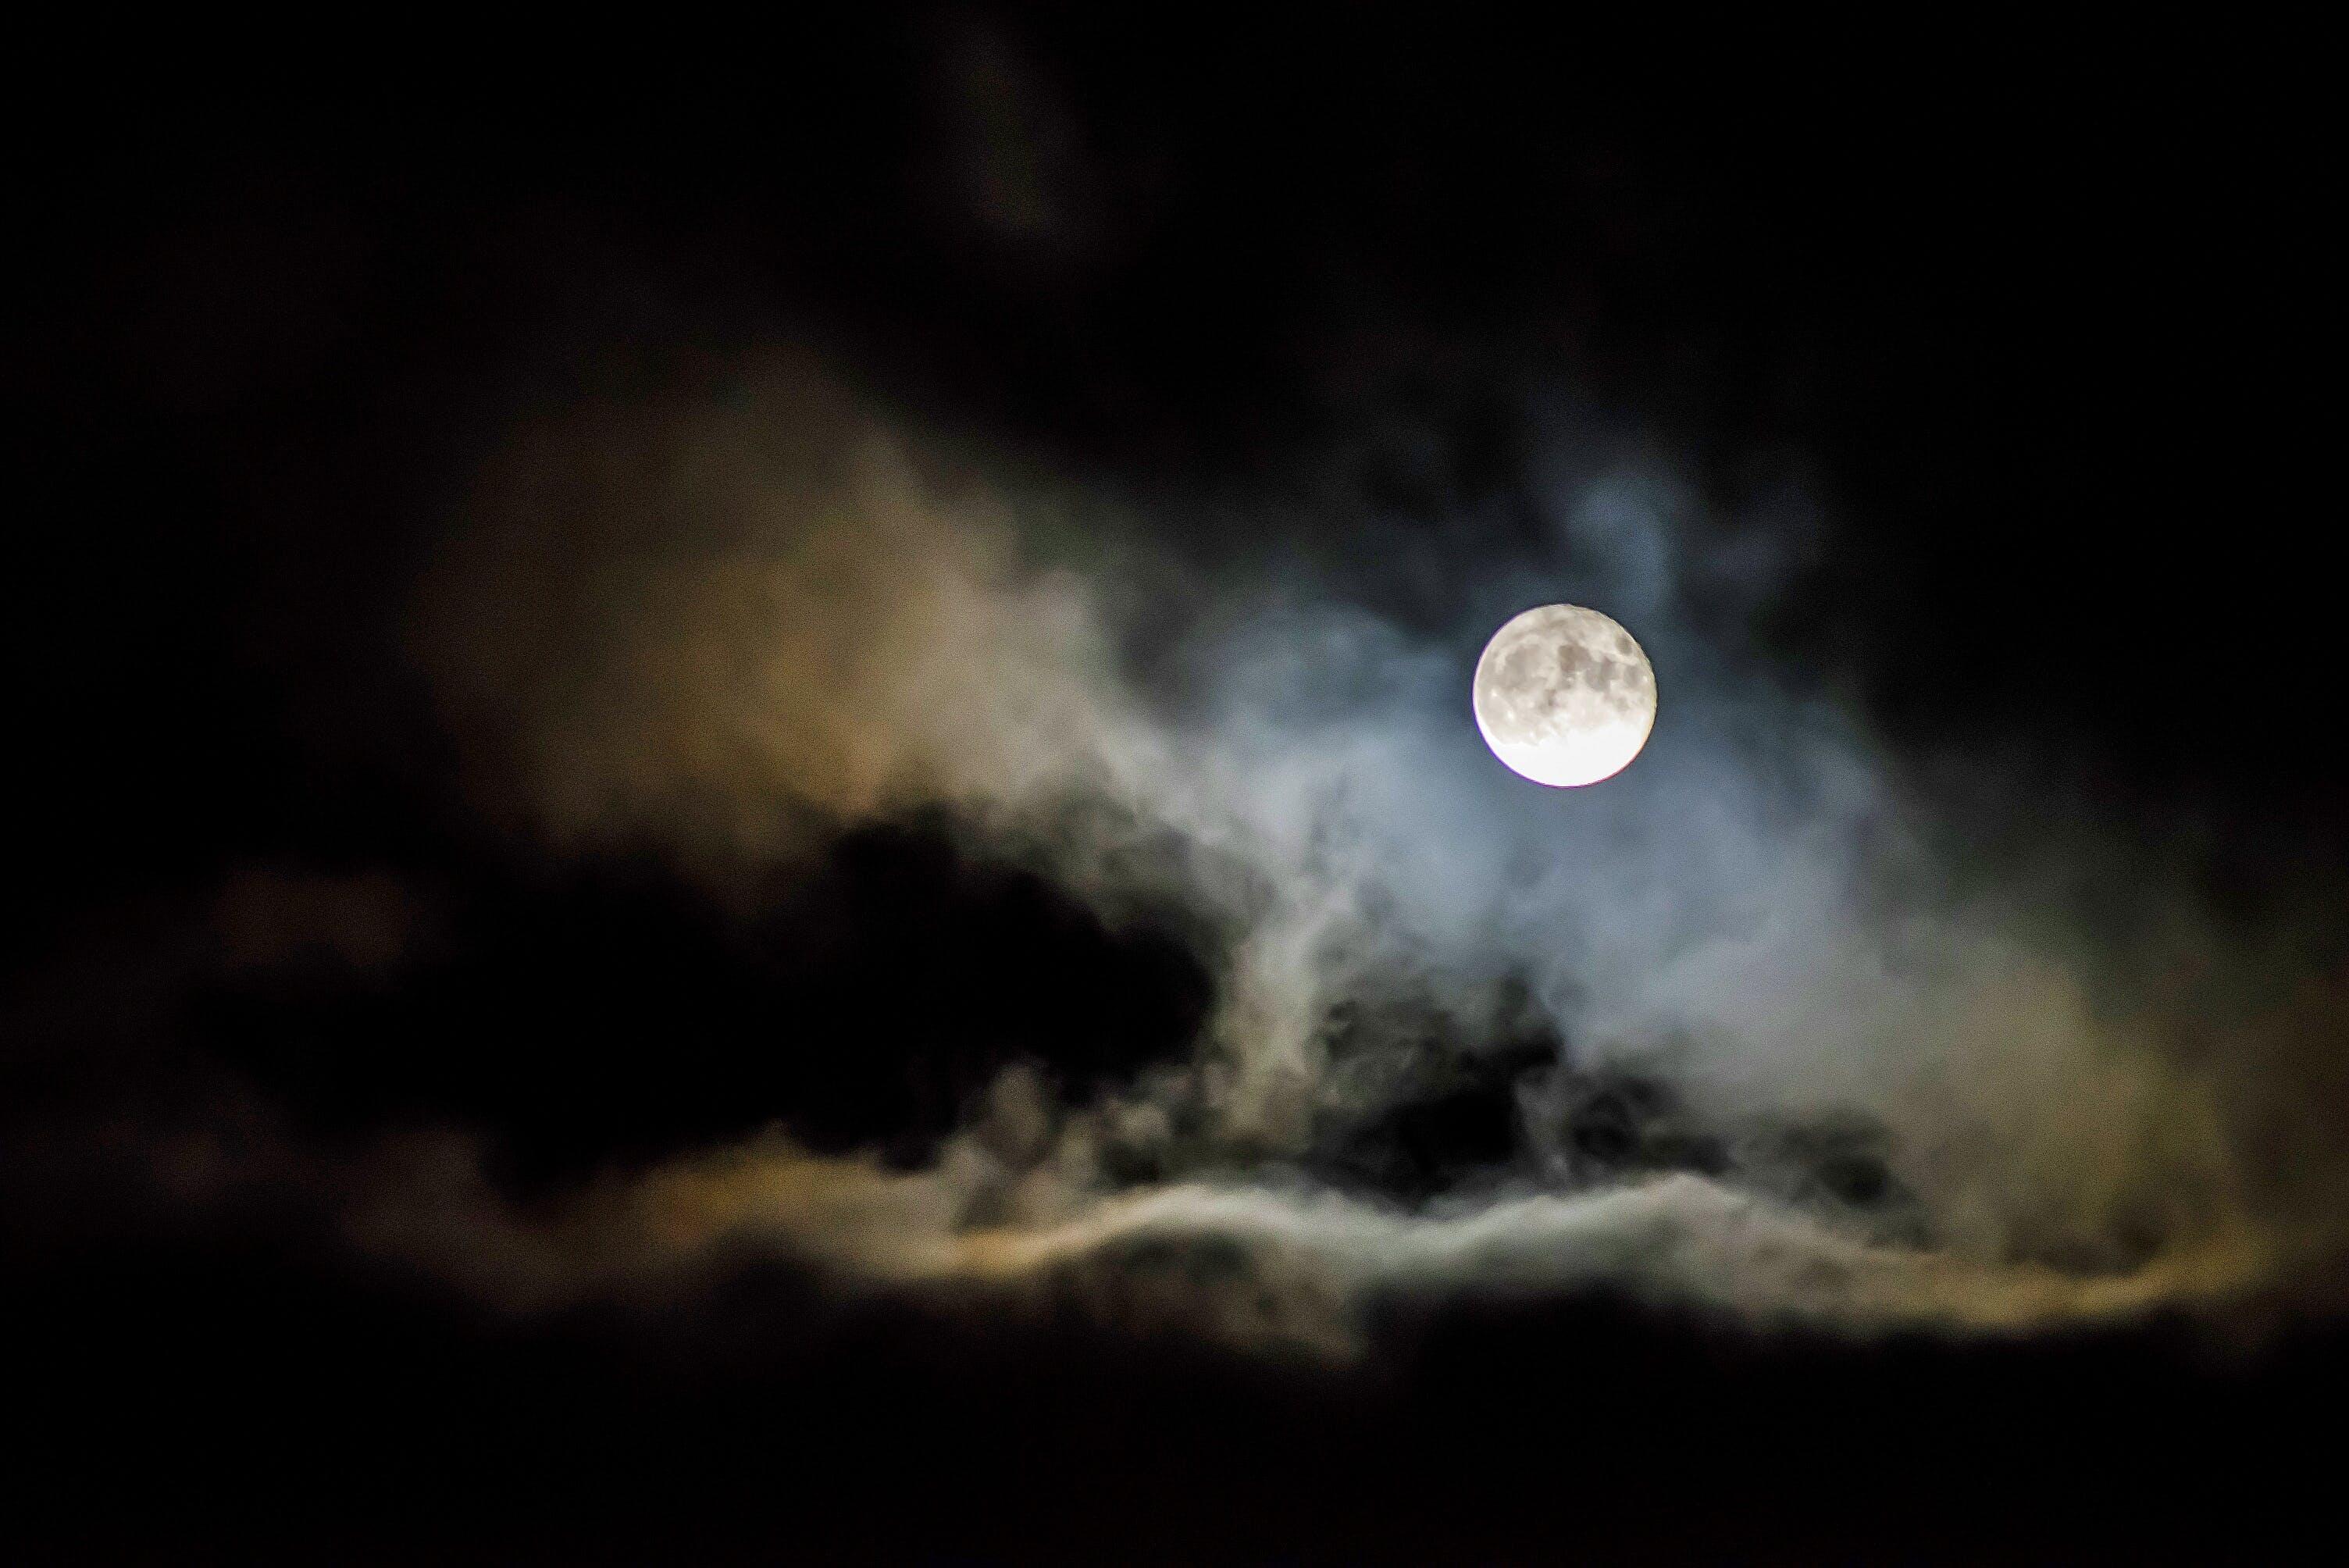 zu abend, astronomie, dunkel, himmel